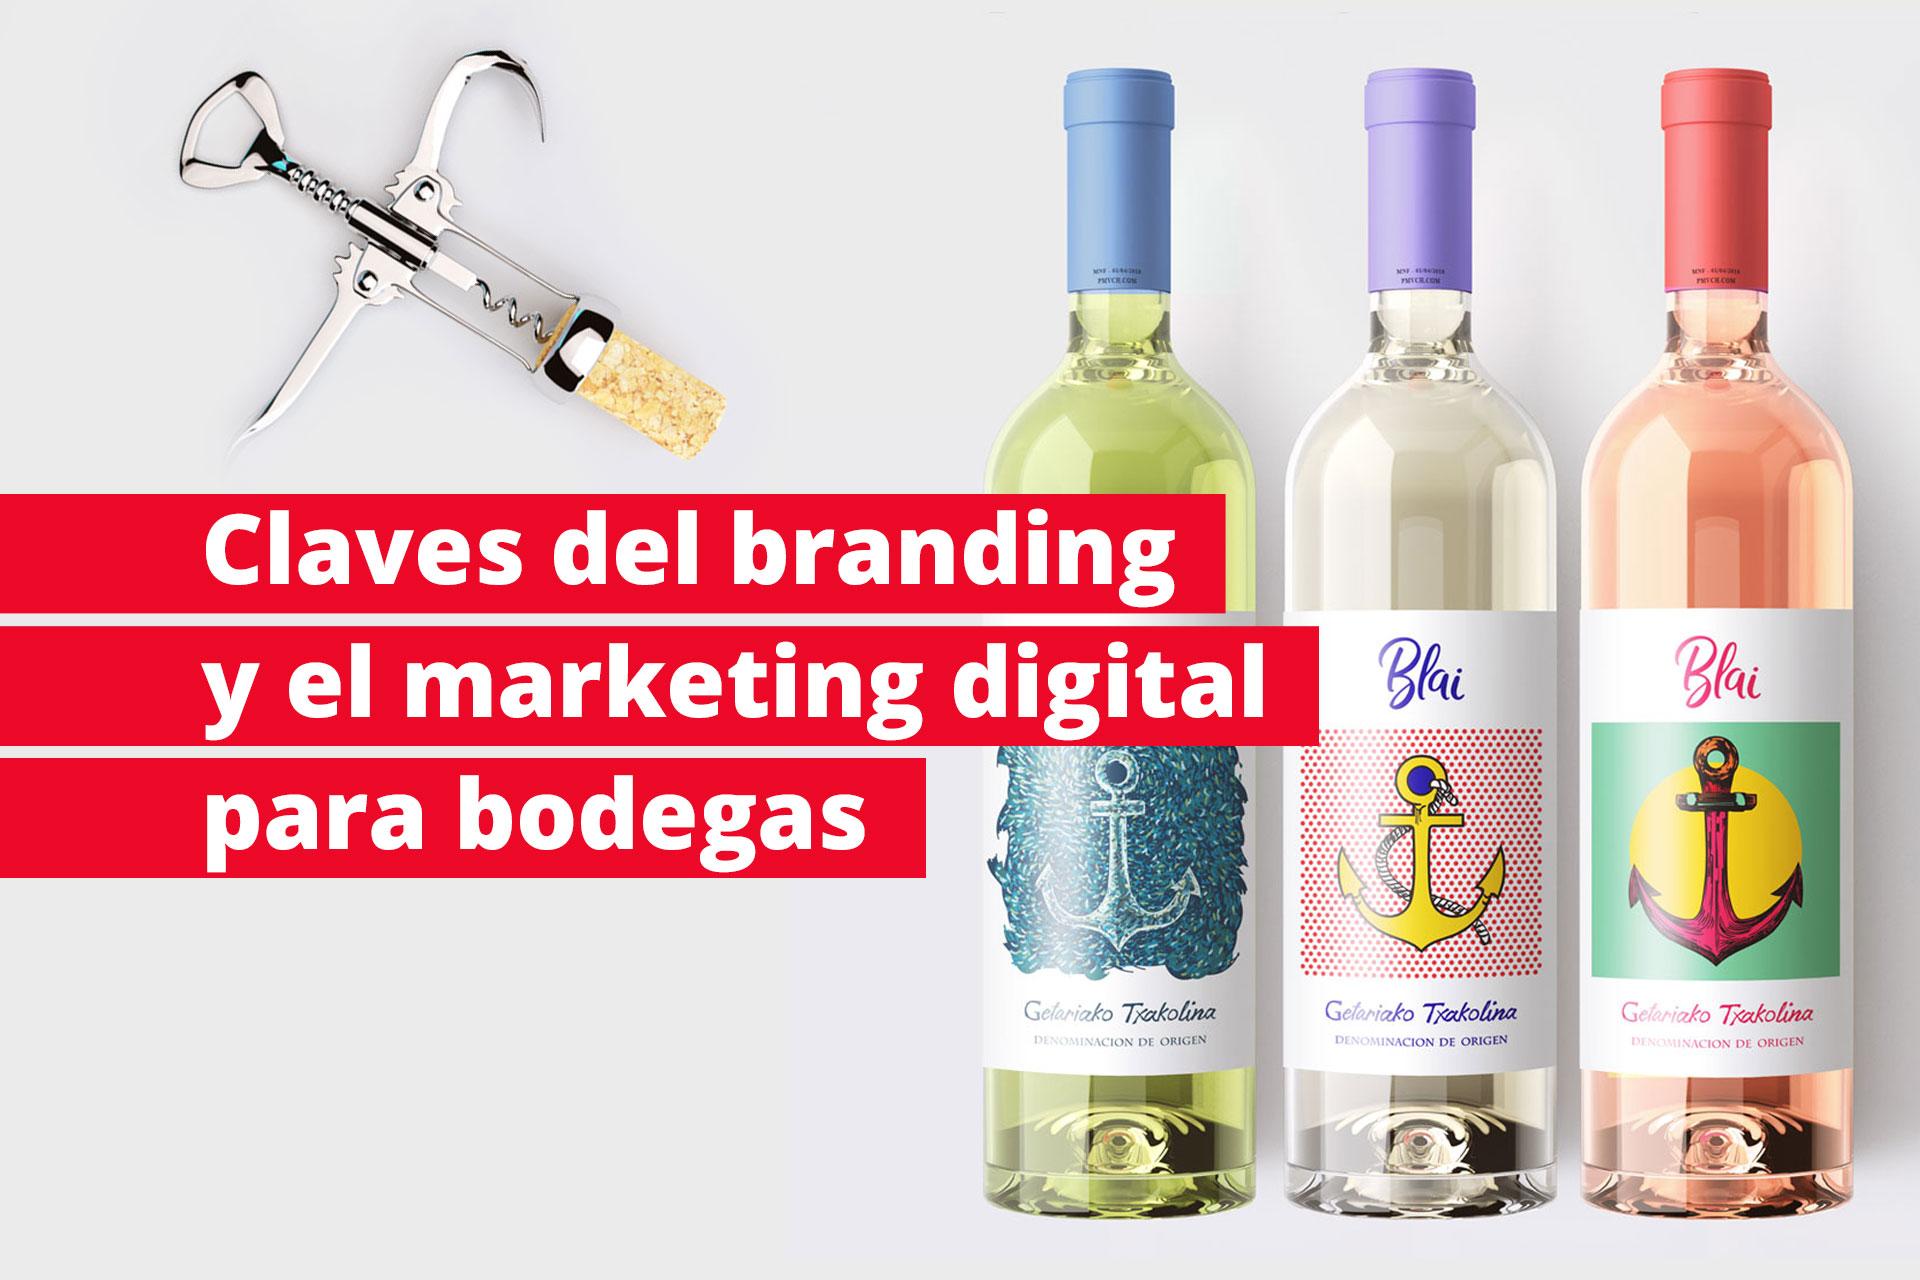 ¿Qué hace que un cliente escoja un vino? Claves del branding y el marketing digital para bodegas 14